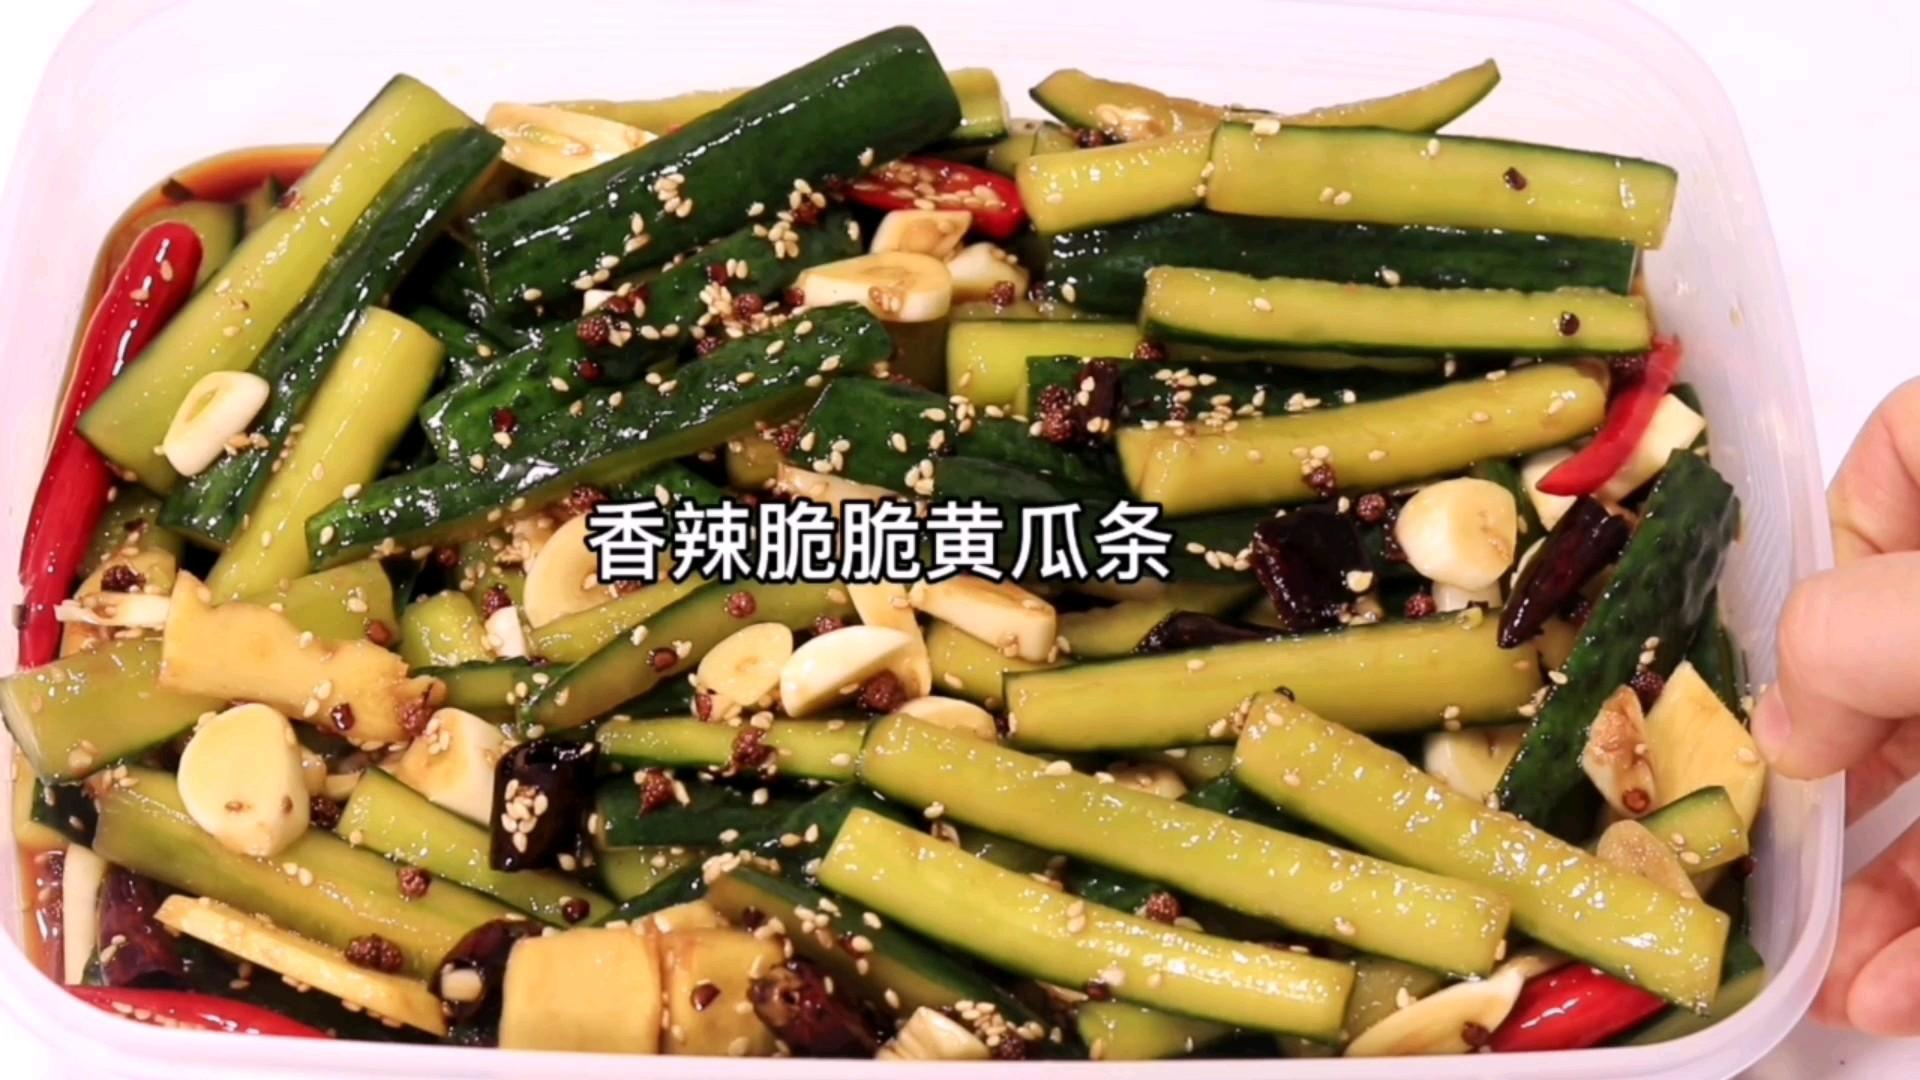 香辣脆脆黄瓜条的做法